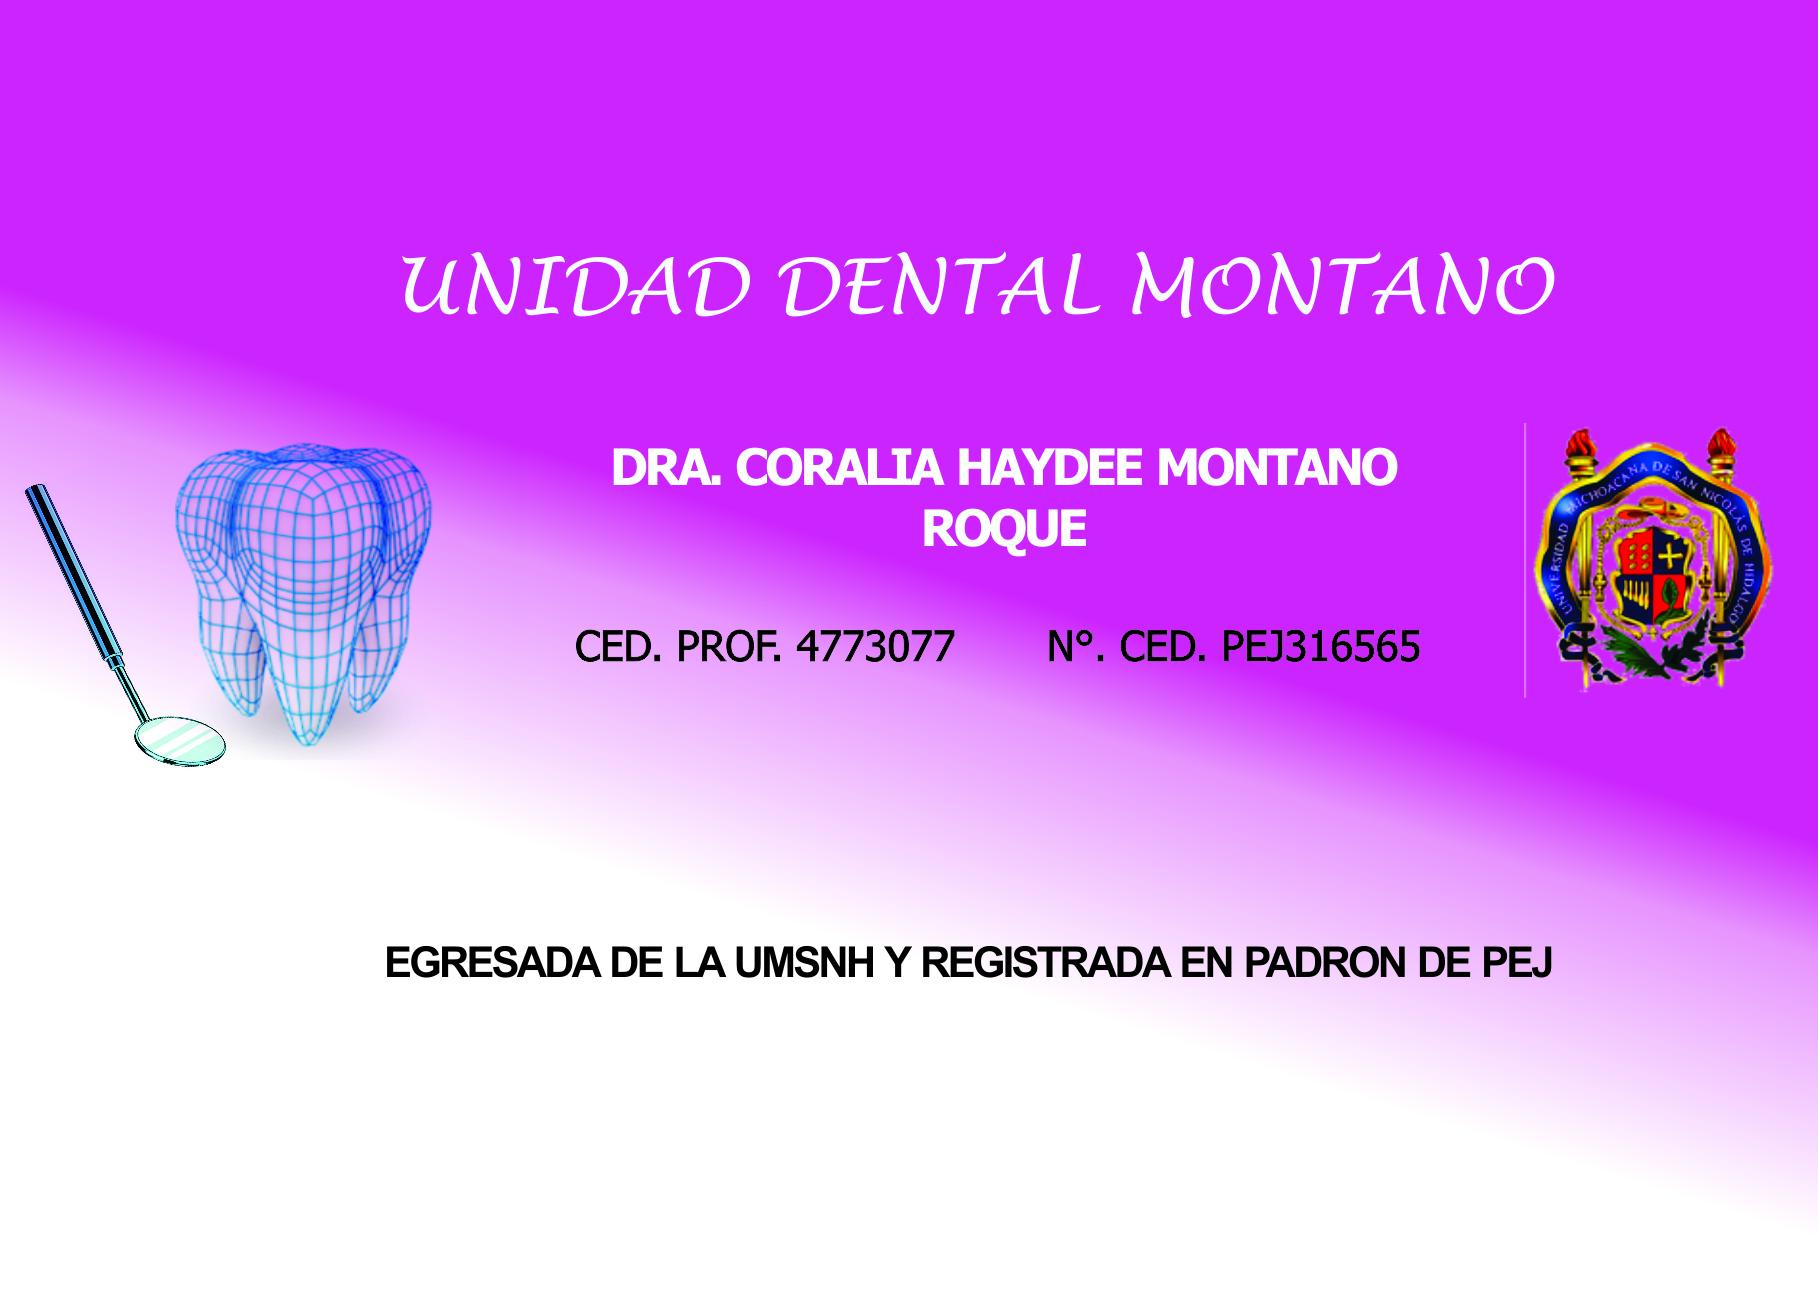 Unidad Dental Montano